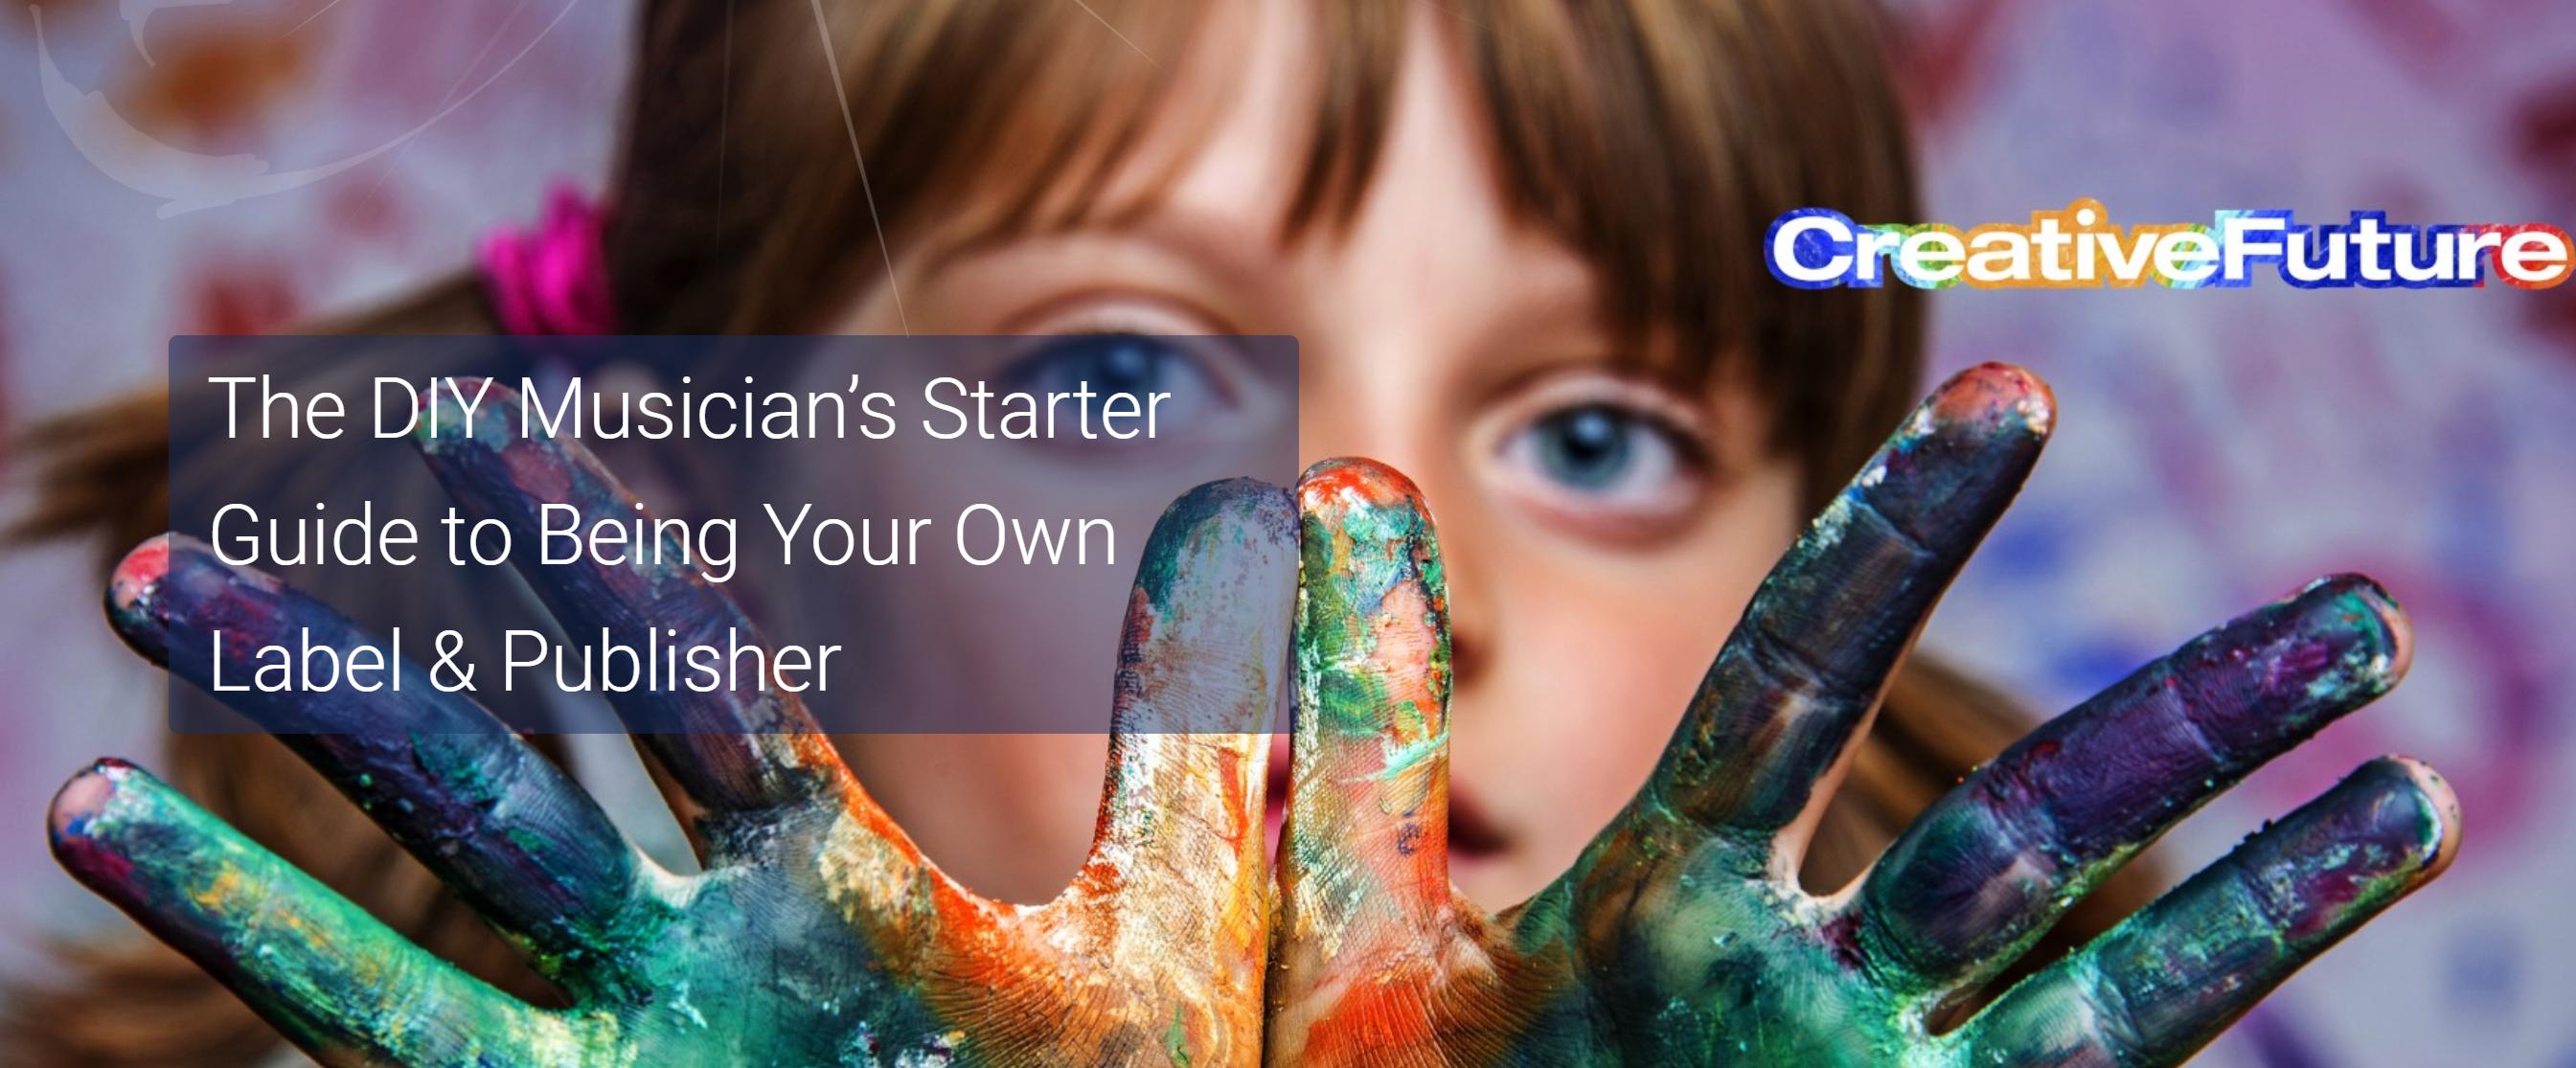 CreativeFuture Dae Bogan DIY Musician Starter Guide